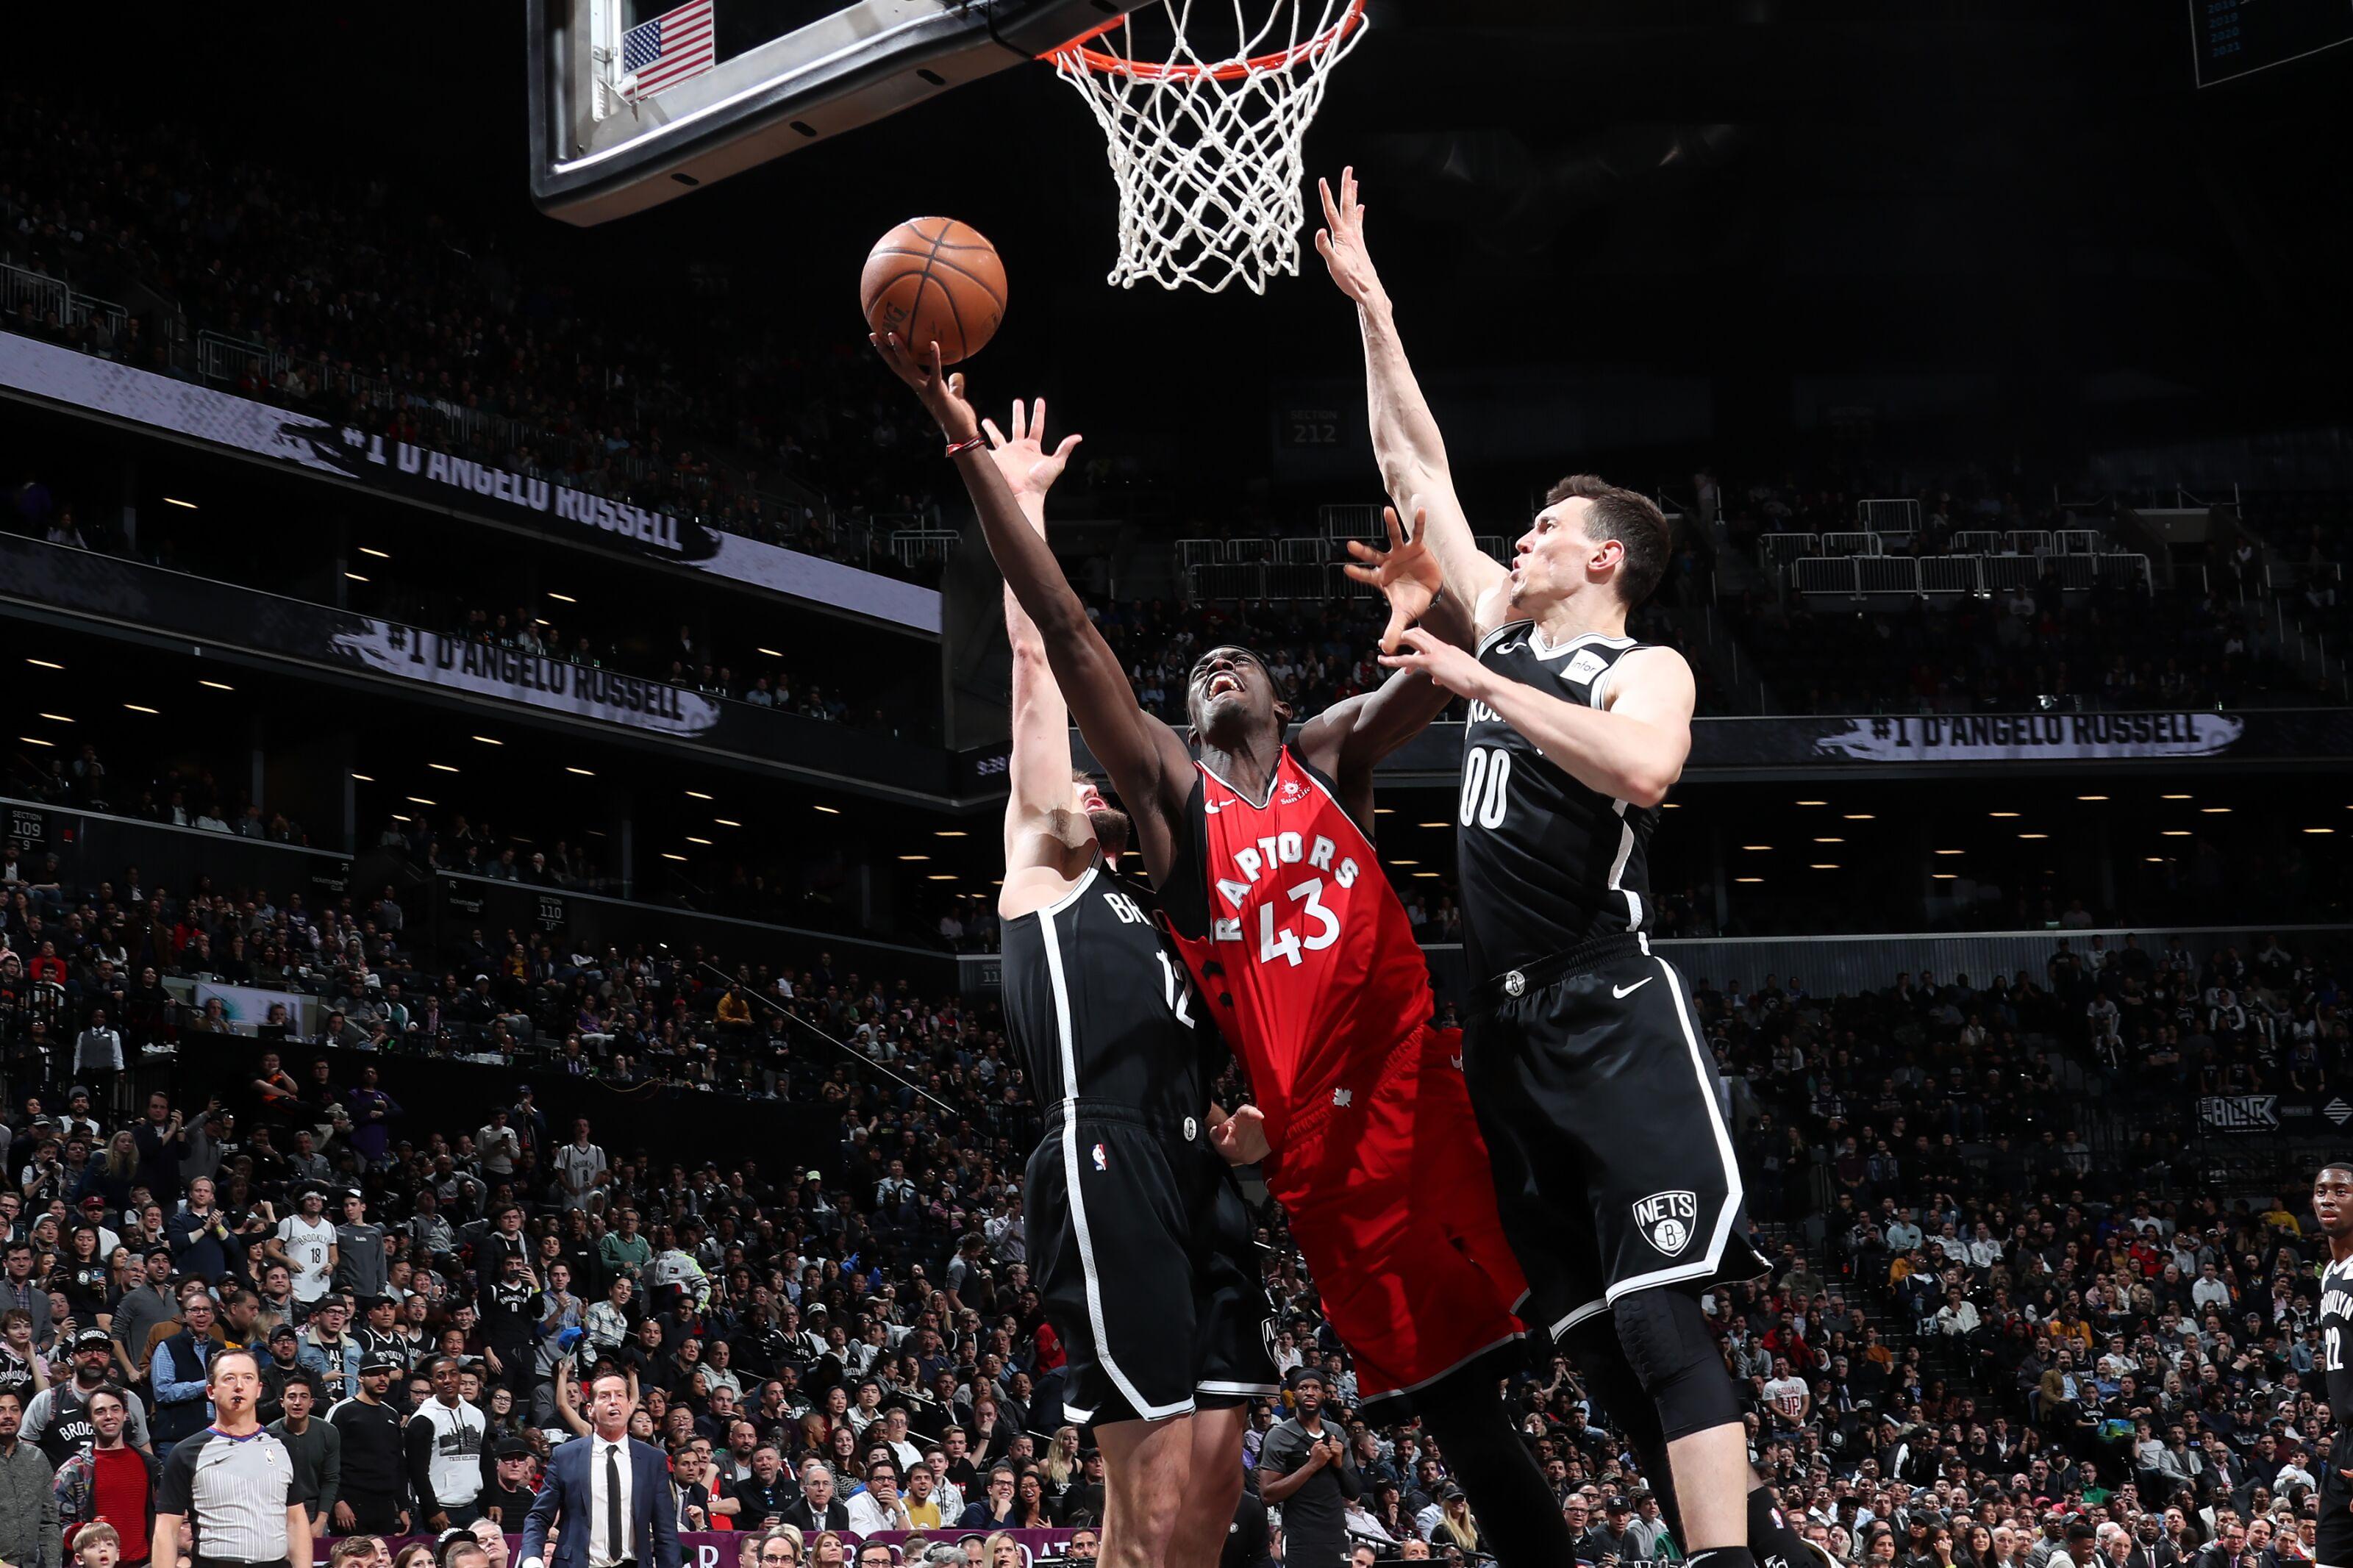 Nets Vs Raptors: Flipboard: Nets Suffer Tough Loss To Raptors, 115-105, In